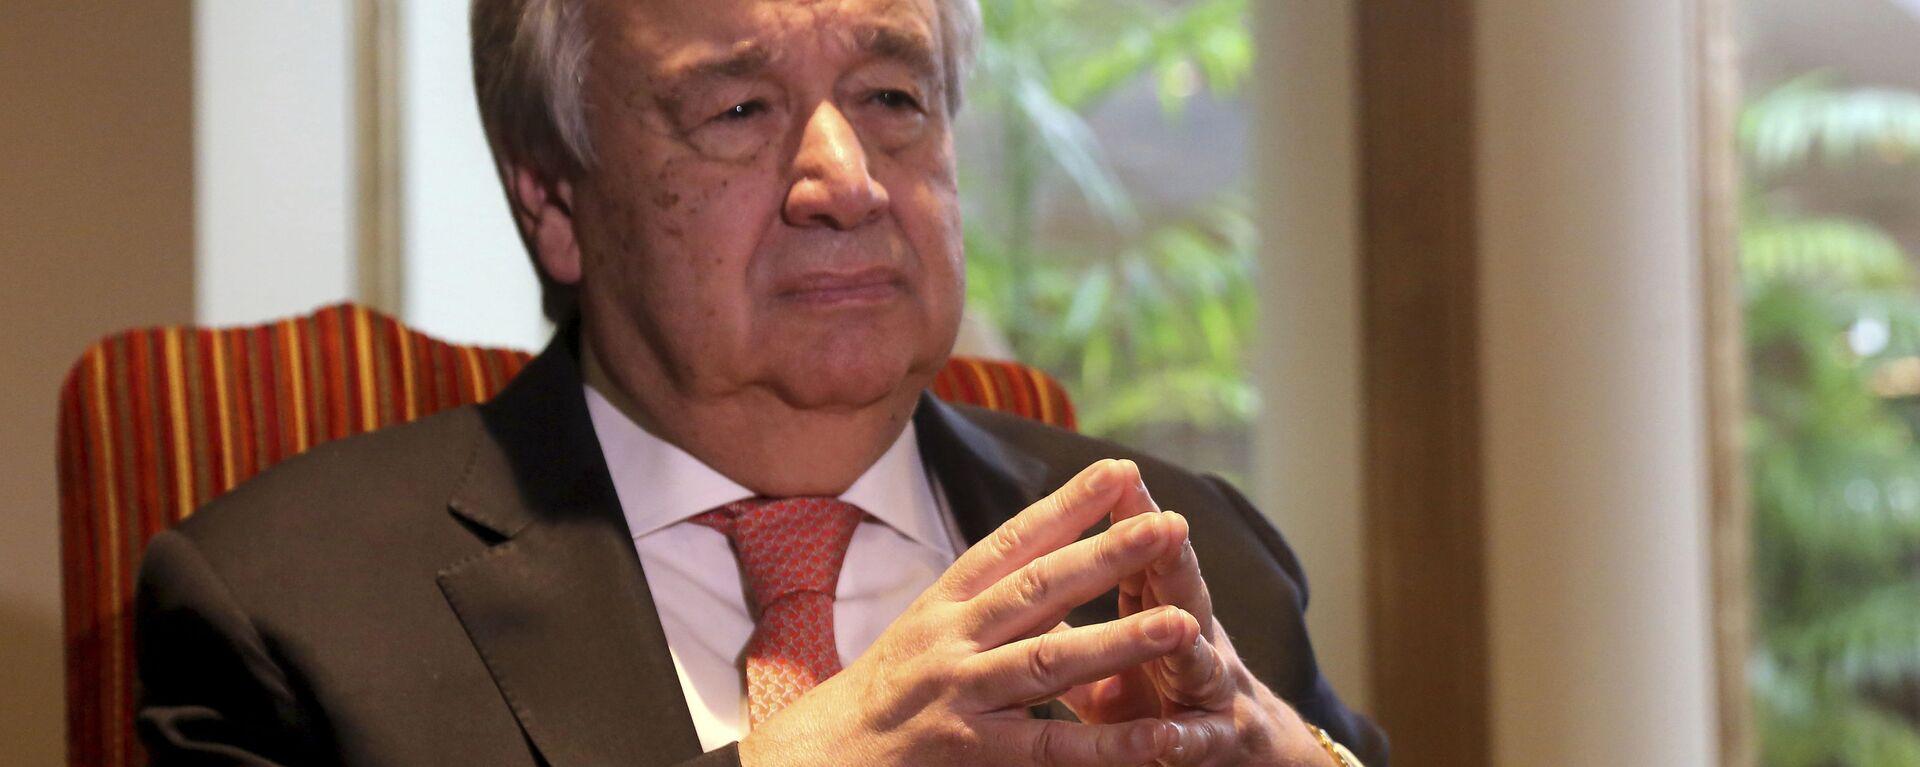 António Guterres, secretario general de la ONU - Sputnik Mundo, 1920, 05.05.2021